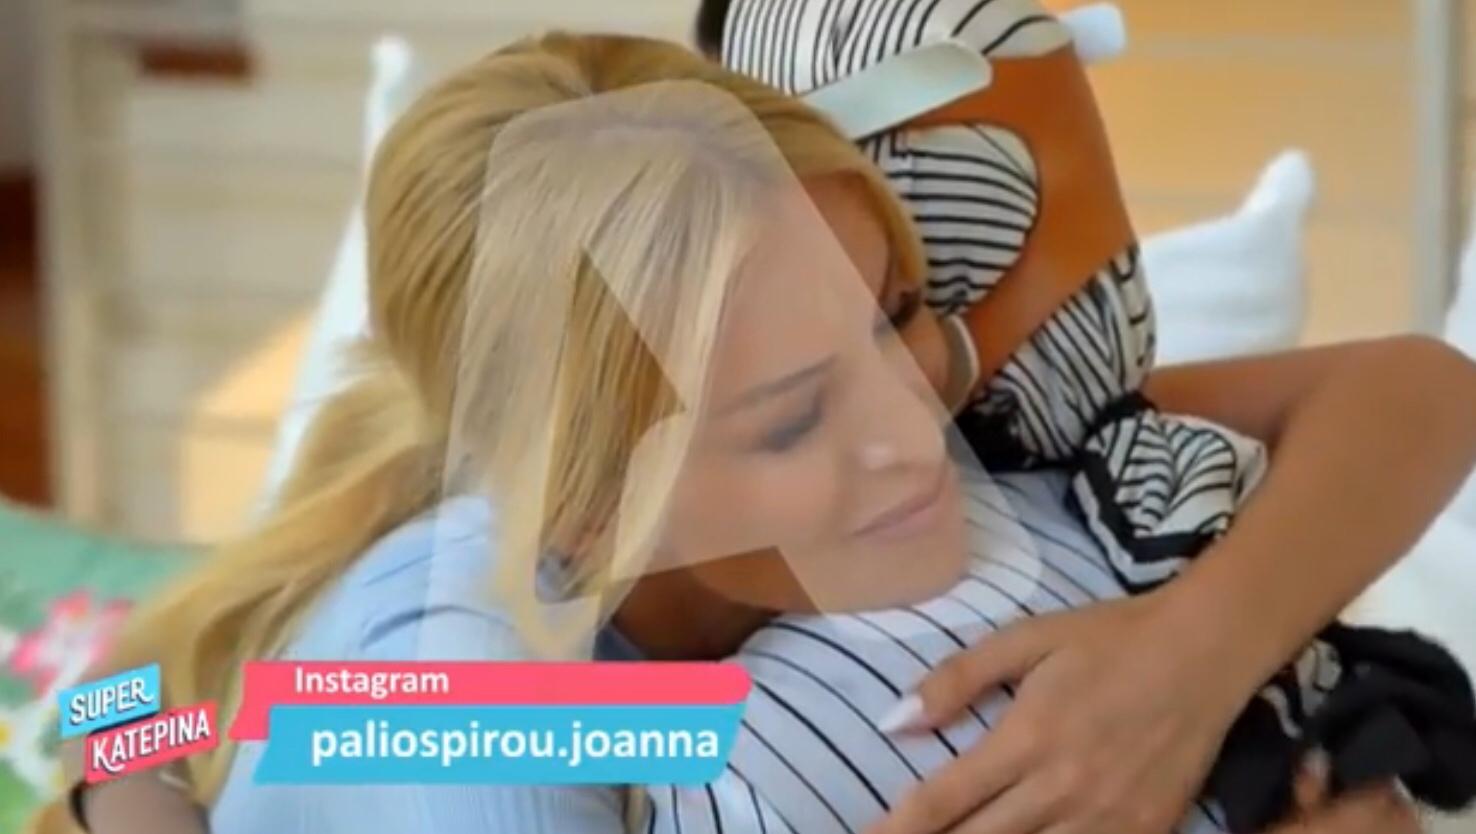 Η ζεστή αγκαλιά της Κατερίνας Καινούργιου στην Ιωάννα Παλιοσπυρου – Συγκίνηση και ρίγος